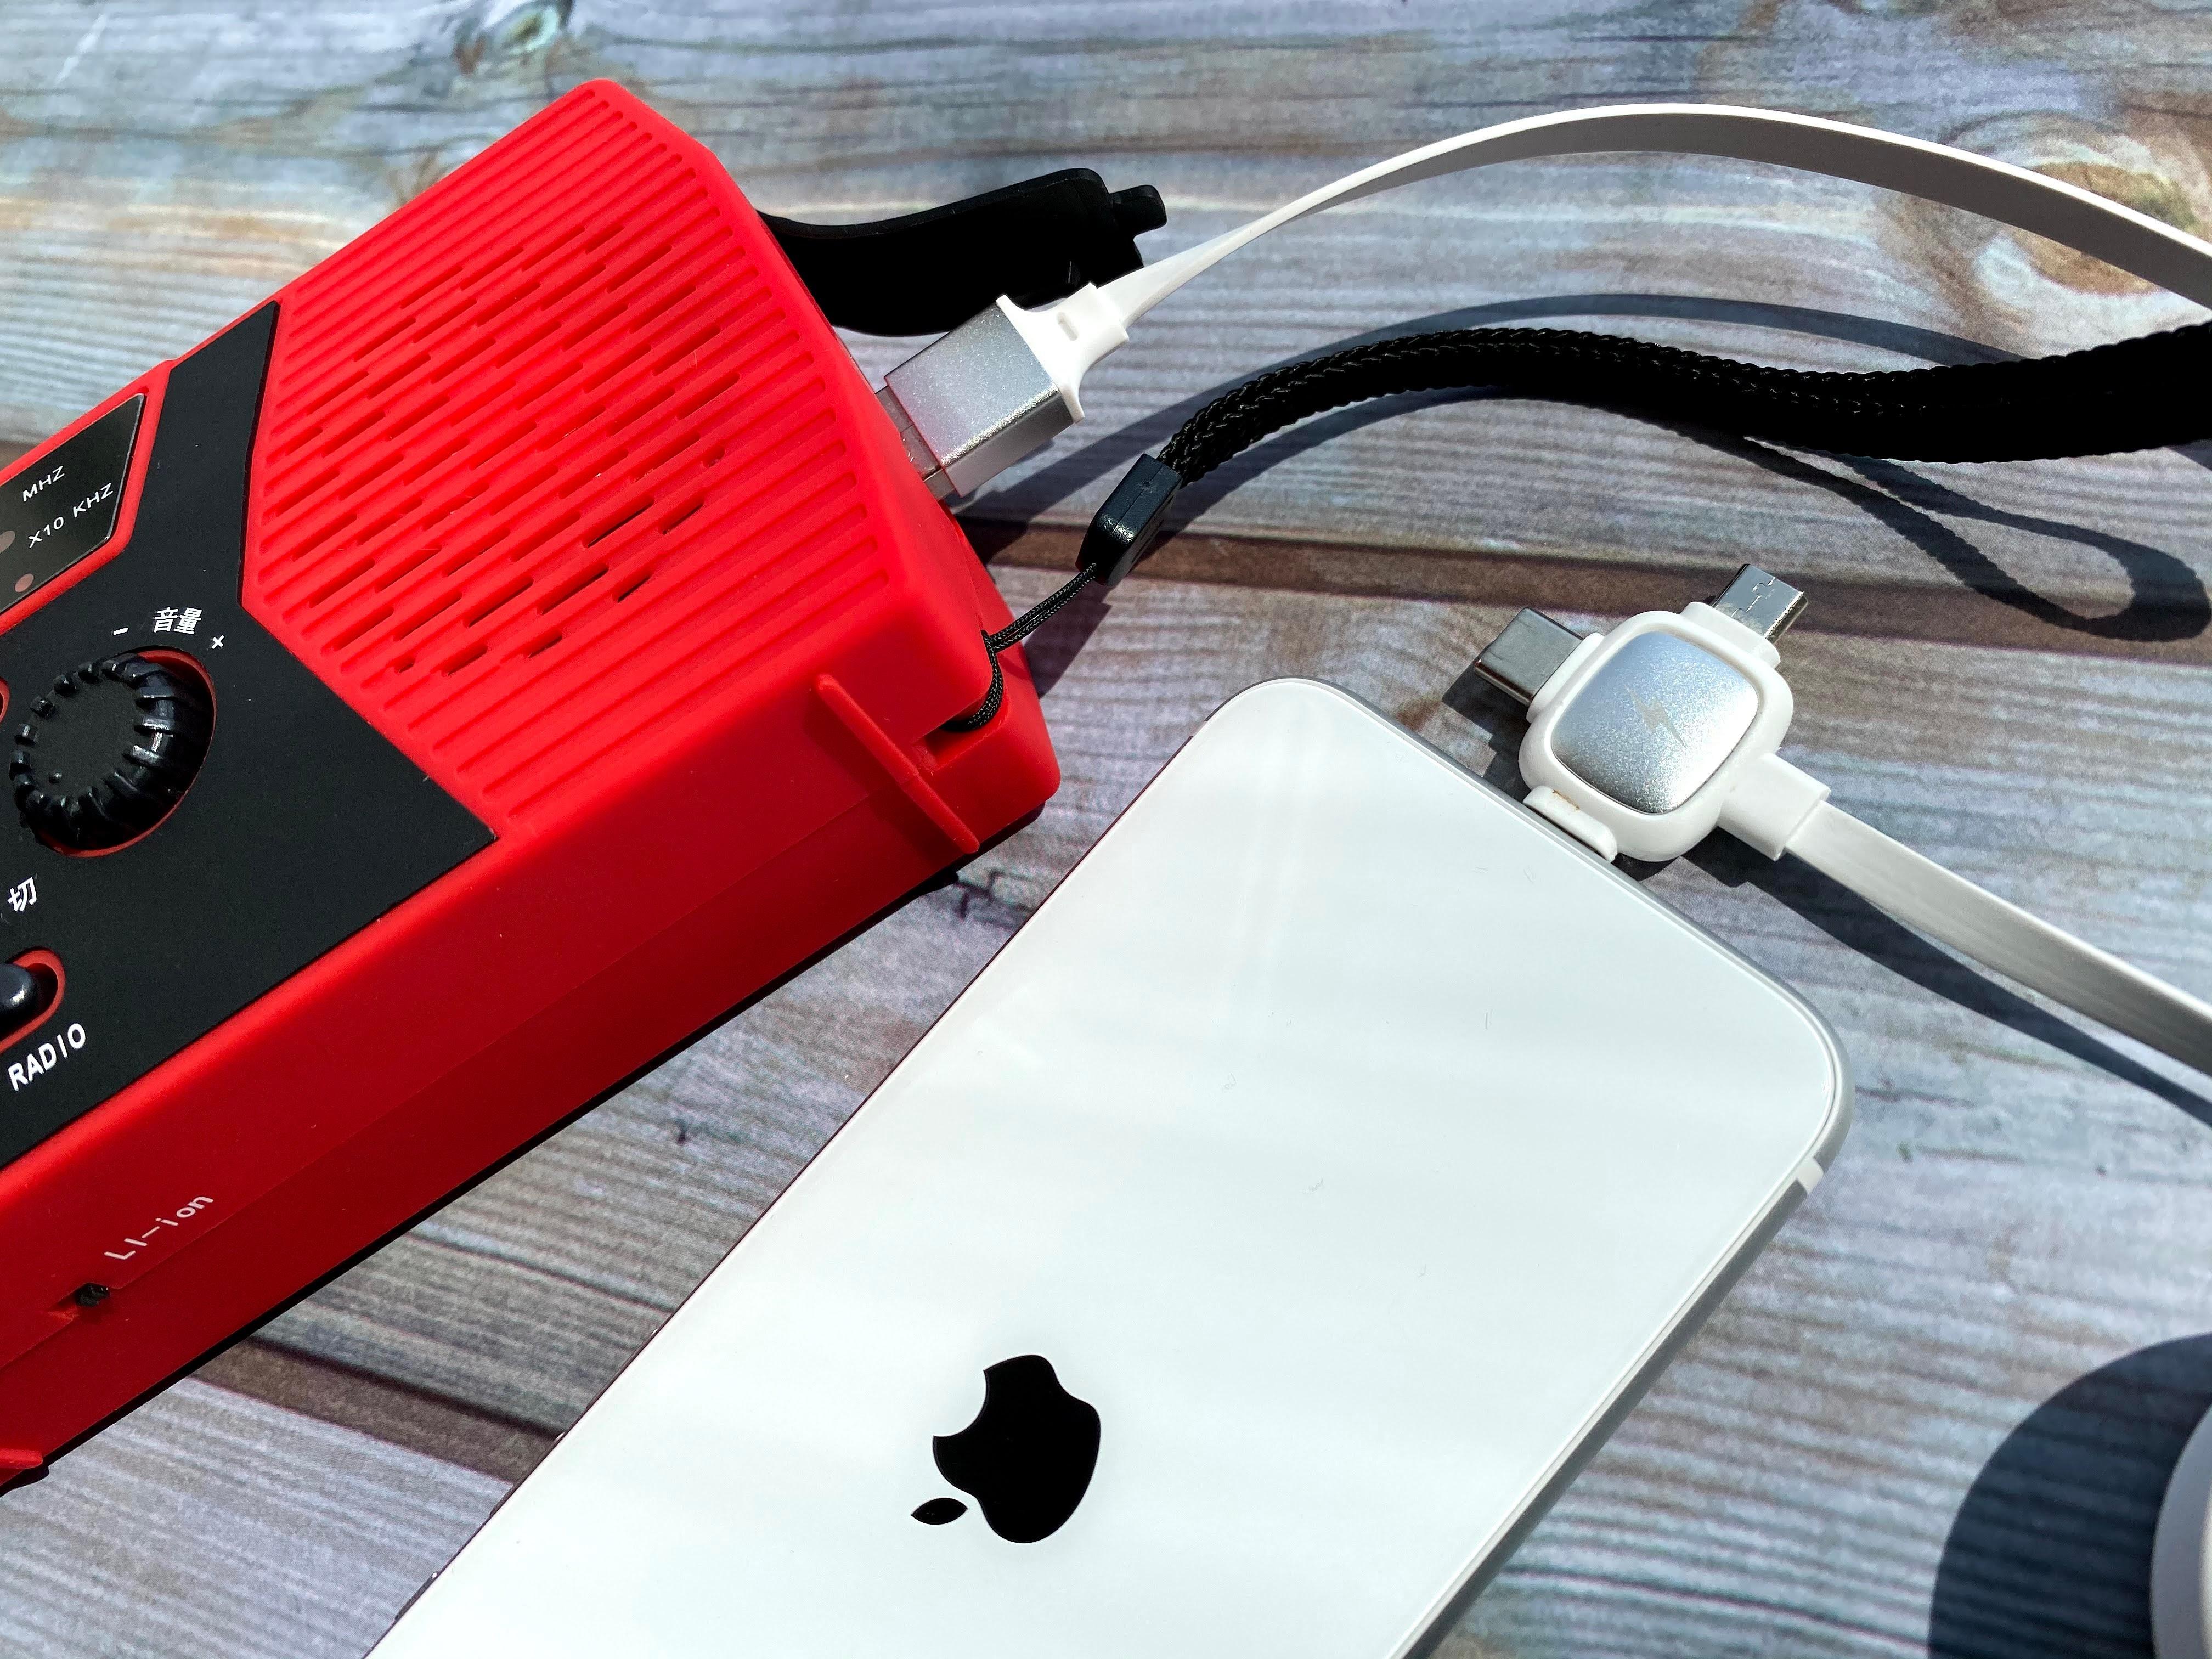 iPhoneとモバイルバッテリー